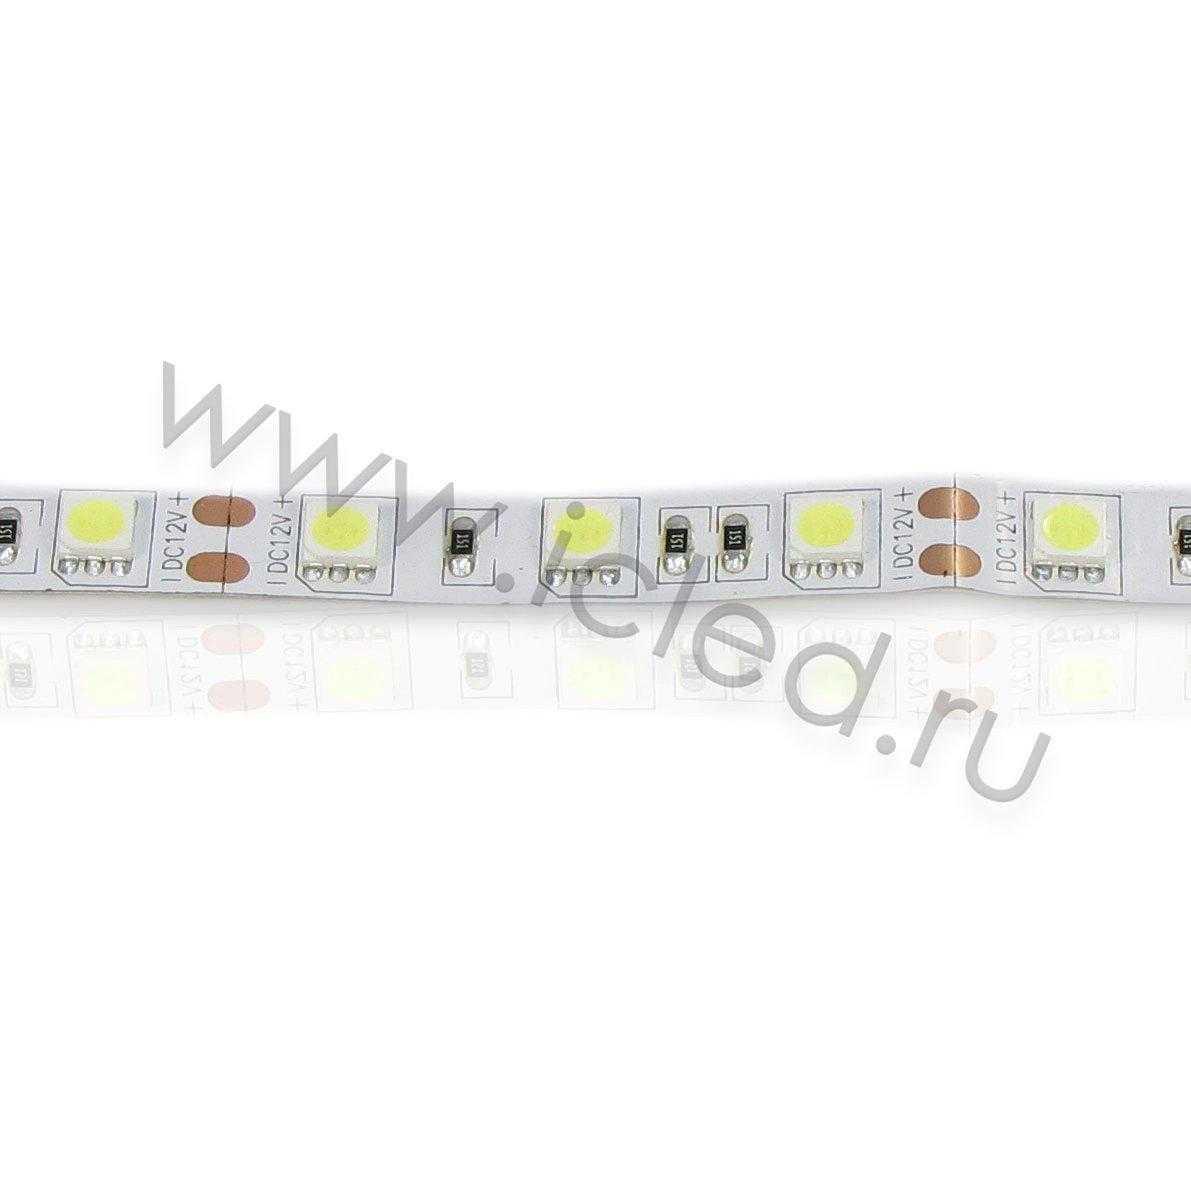 Светодиодная лента Econom class, 5050, 60led/m, White, 12V, IP33